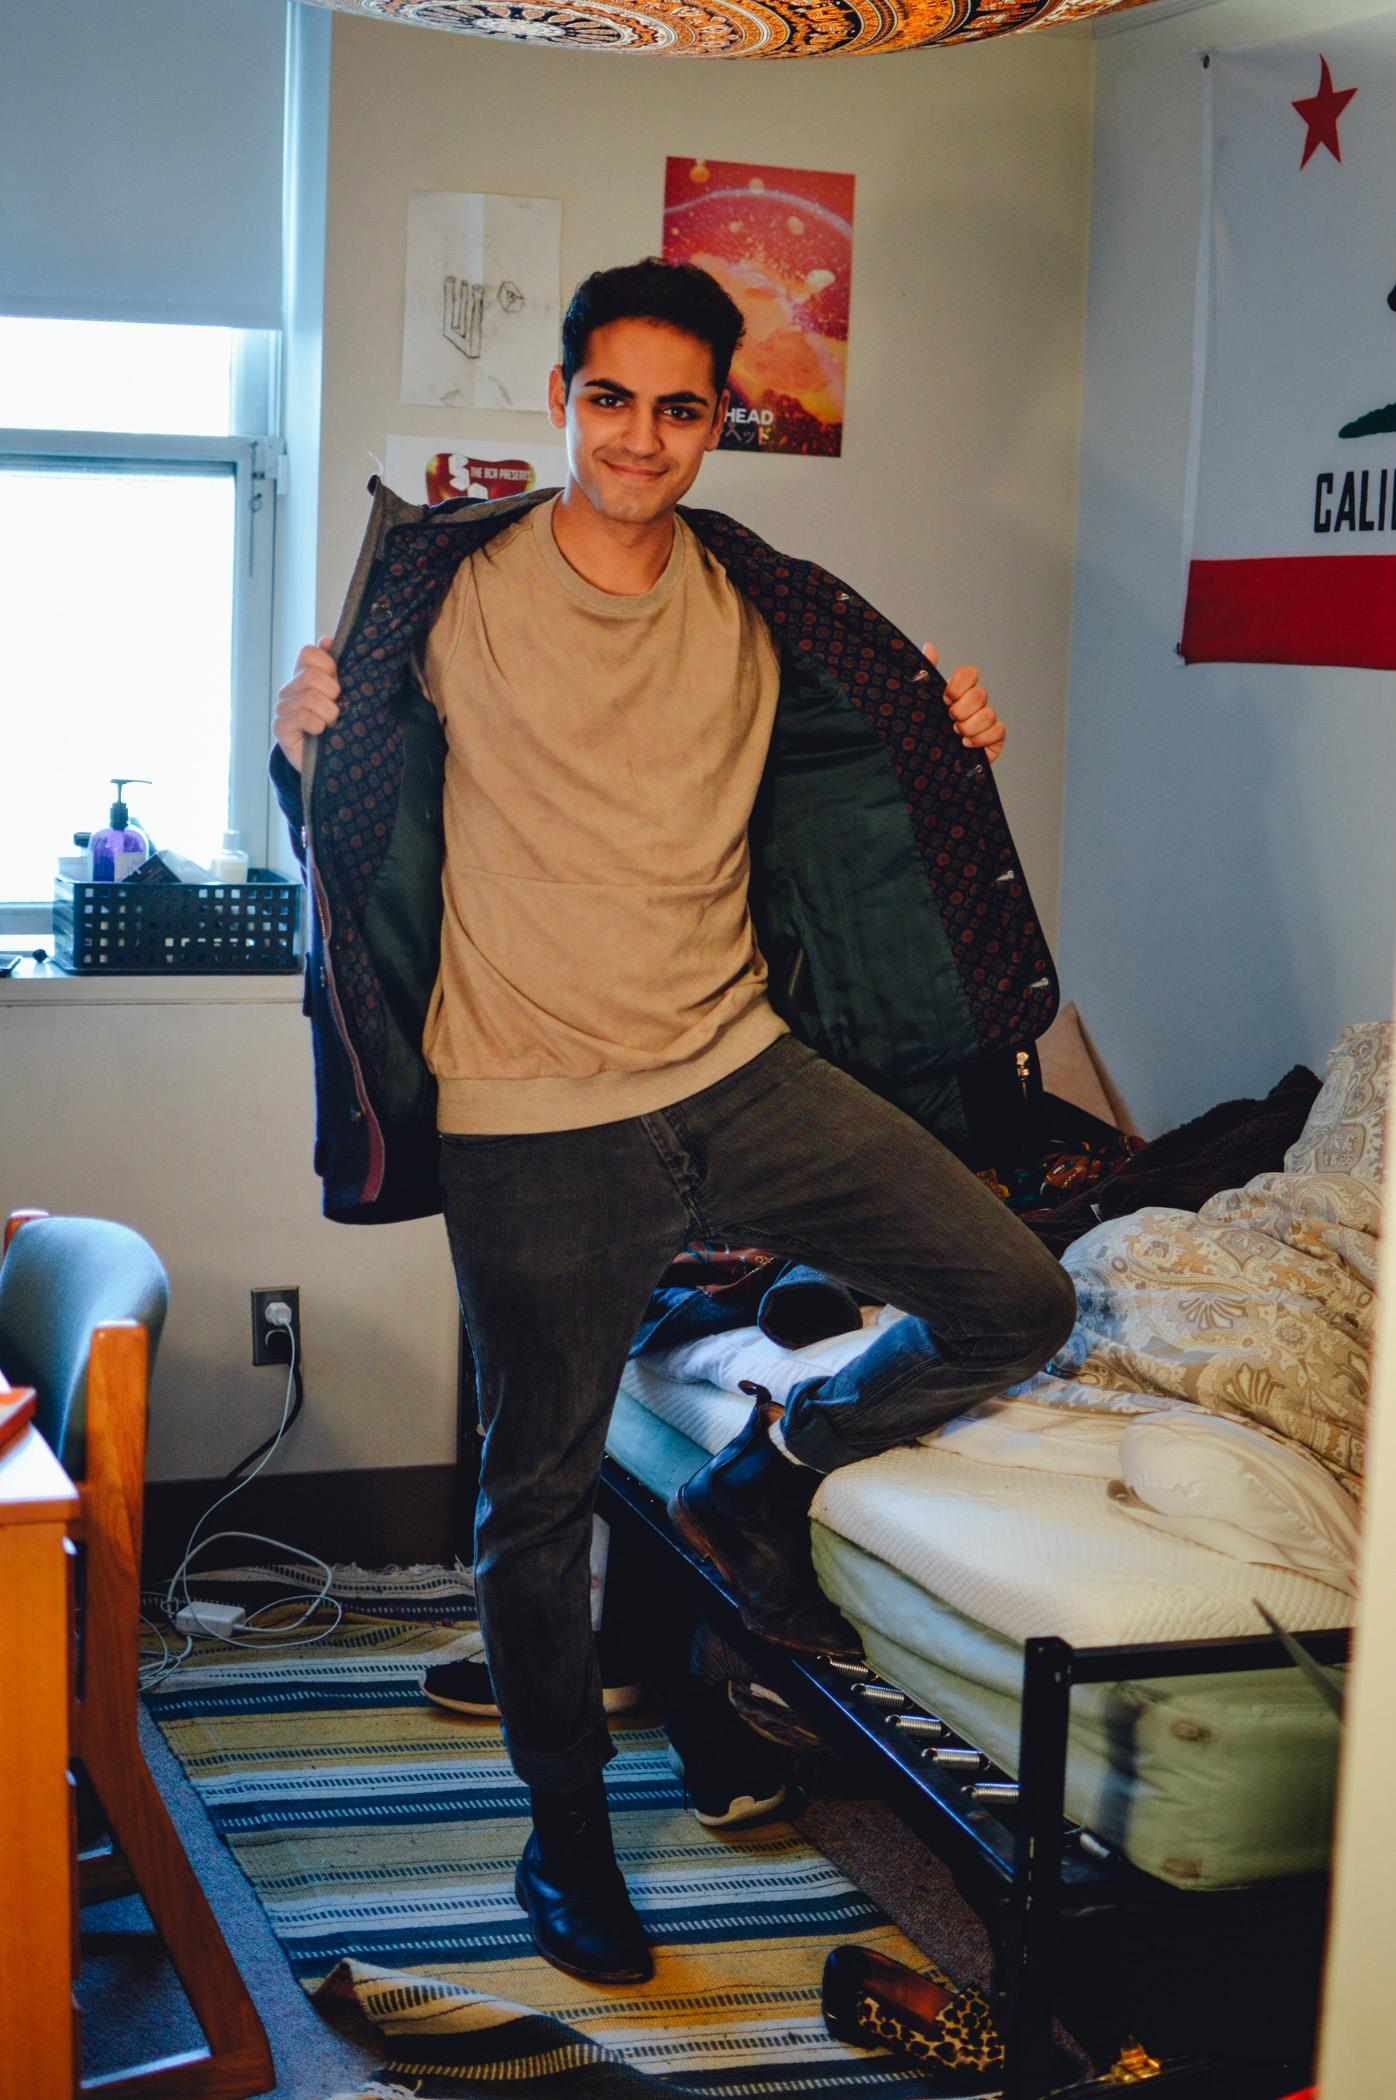 Coat: Ted Baker, Sweatshirt: Shades of Grey